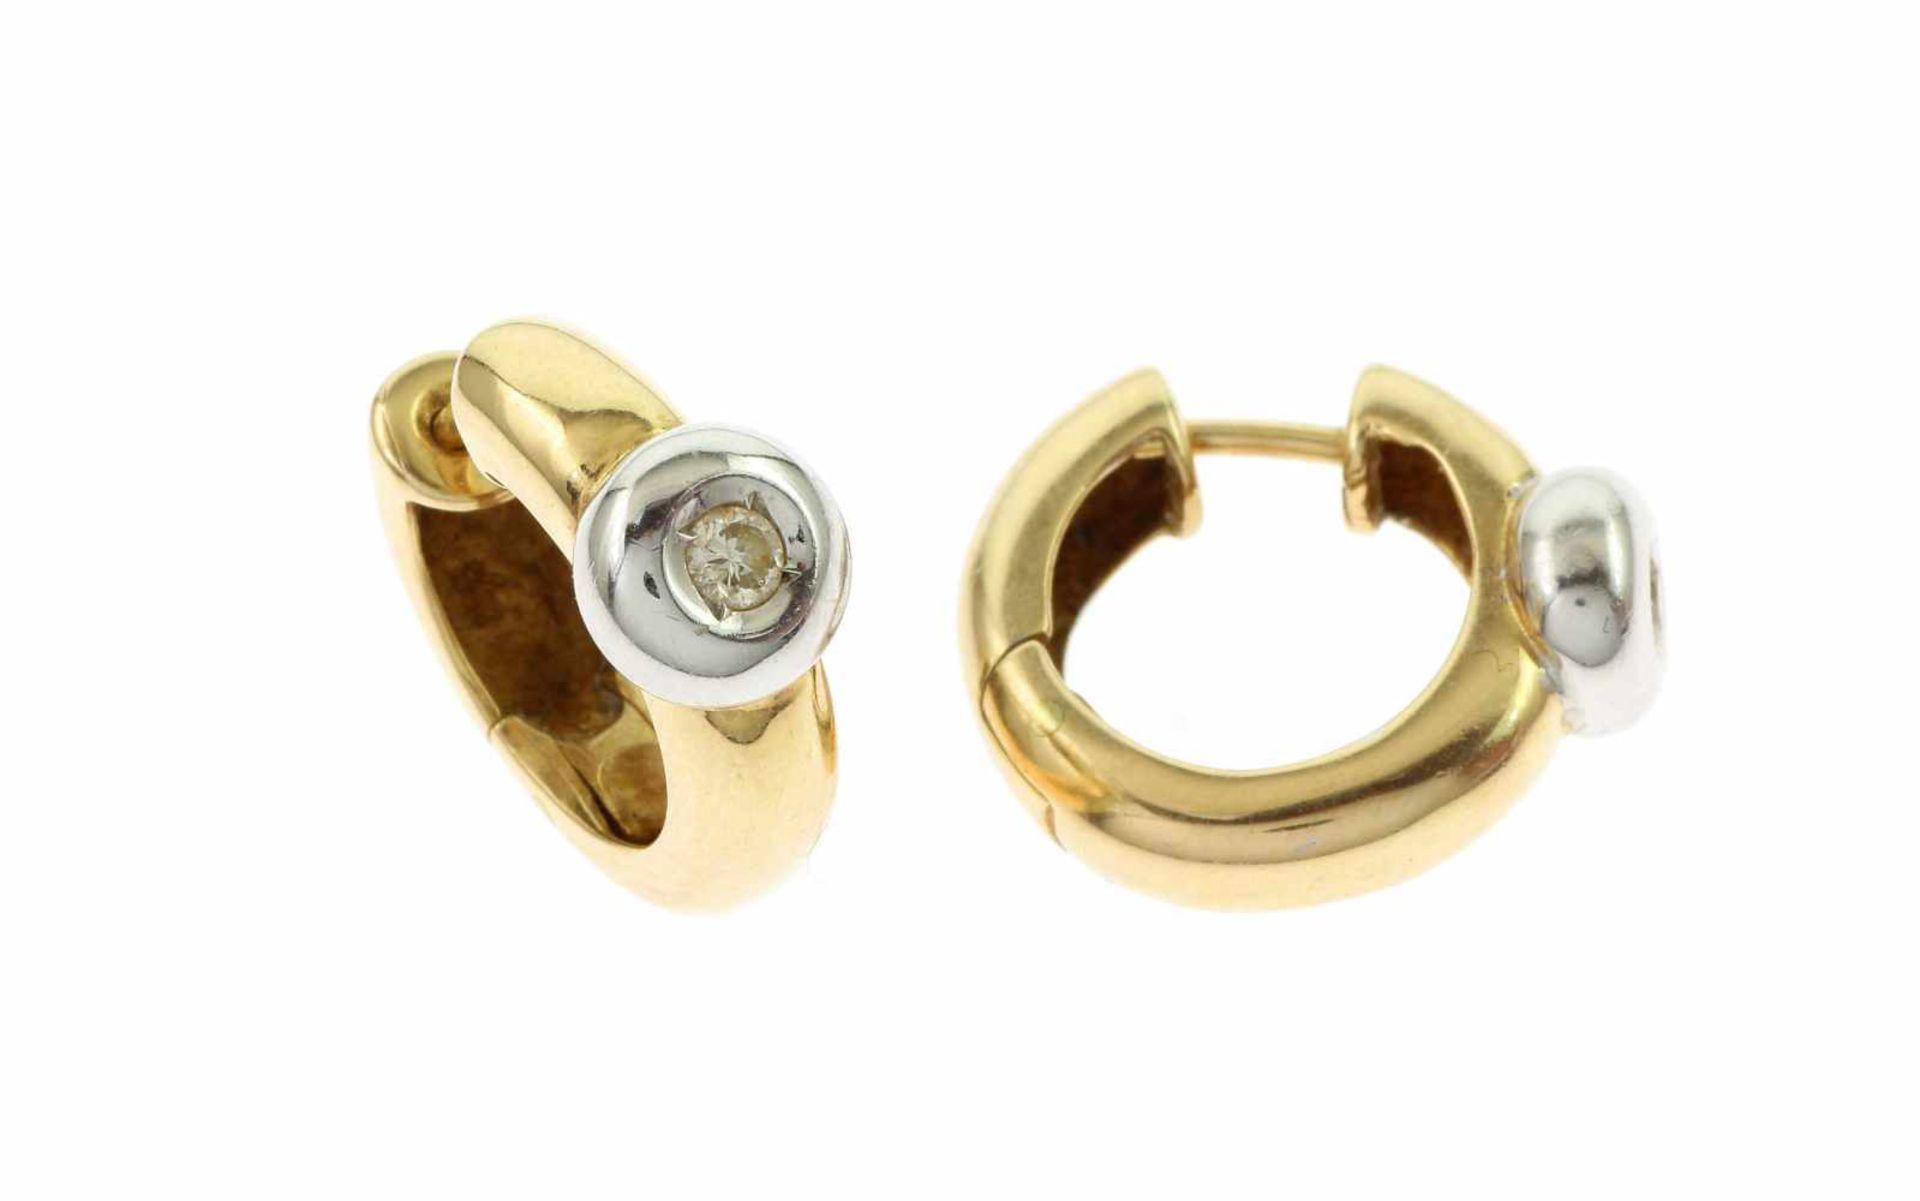 Los 25 - CreolenCreolen 585/- Gelbgold und Weißgold mit Diamanten, Länge ca. 19,70 mm, ca. 0,10 ct, G/si, 7,